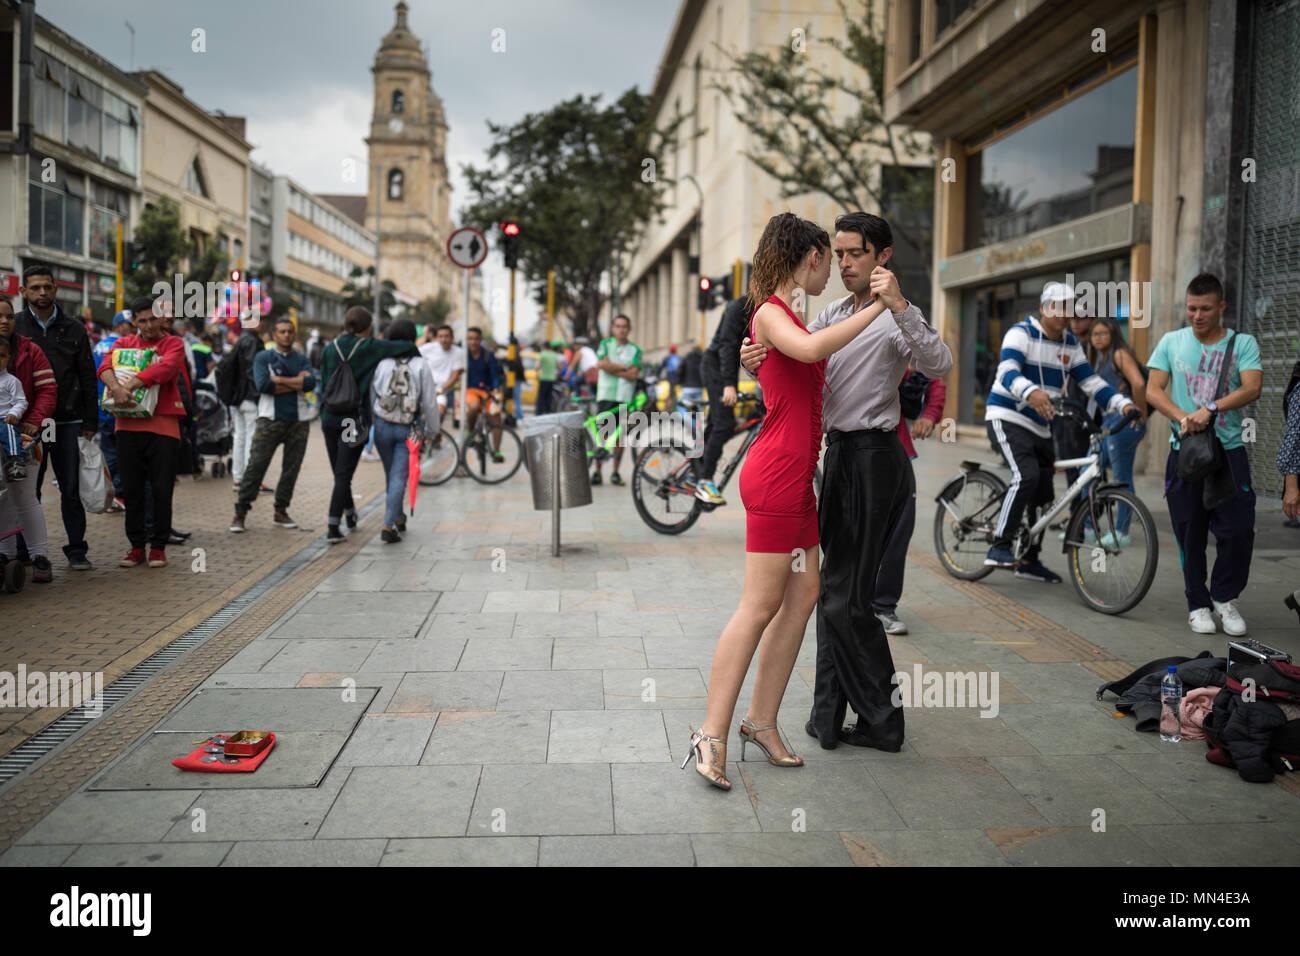 El baile del tango, Carrera 7, en Bogotá, Colombia, Sur America Imagen De Stock